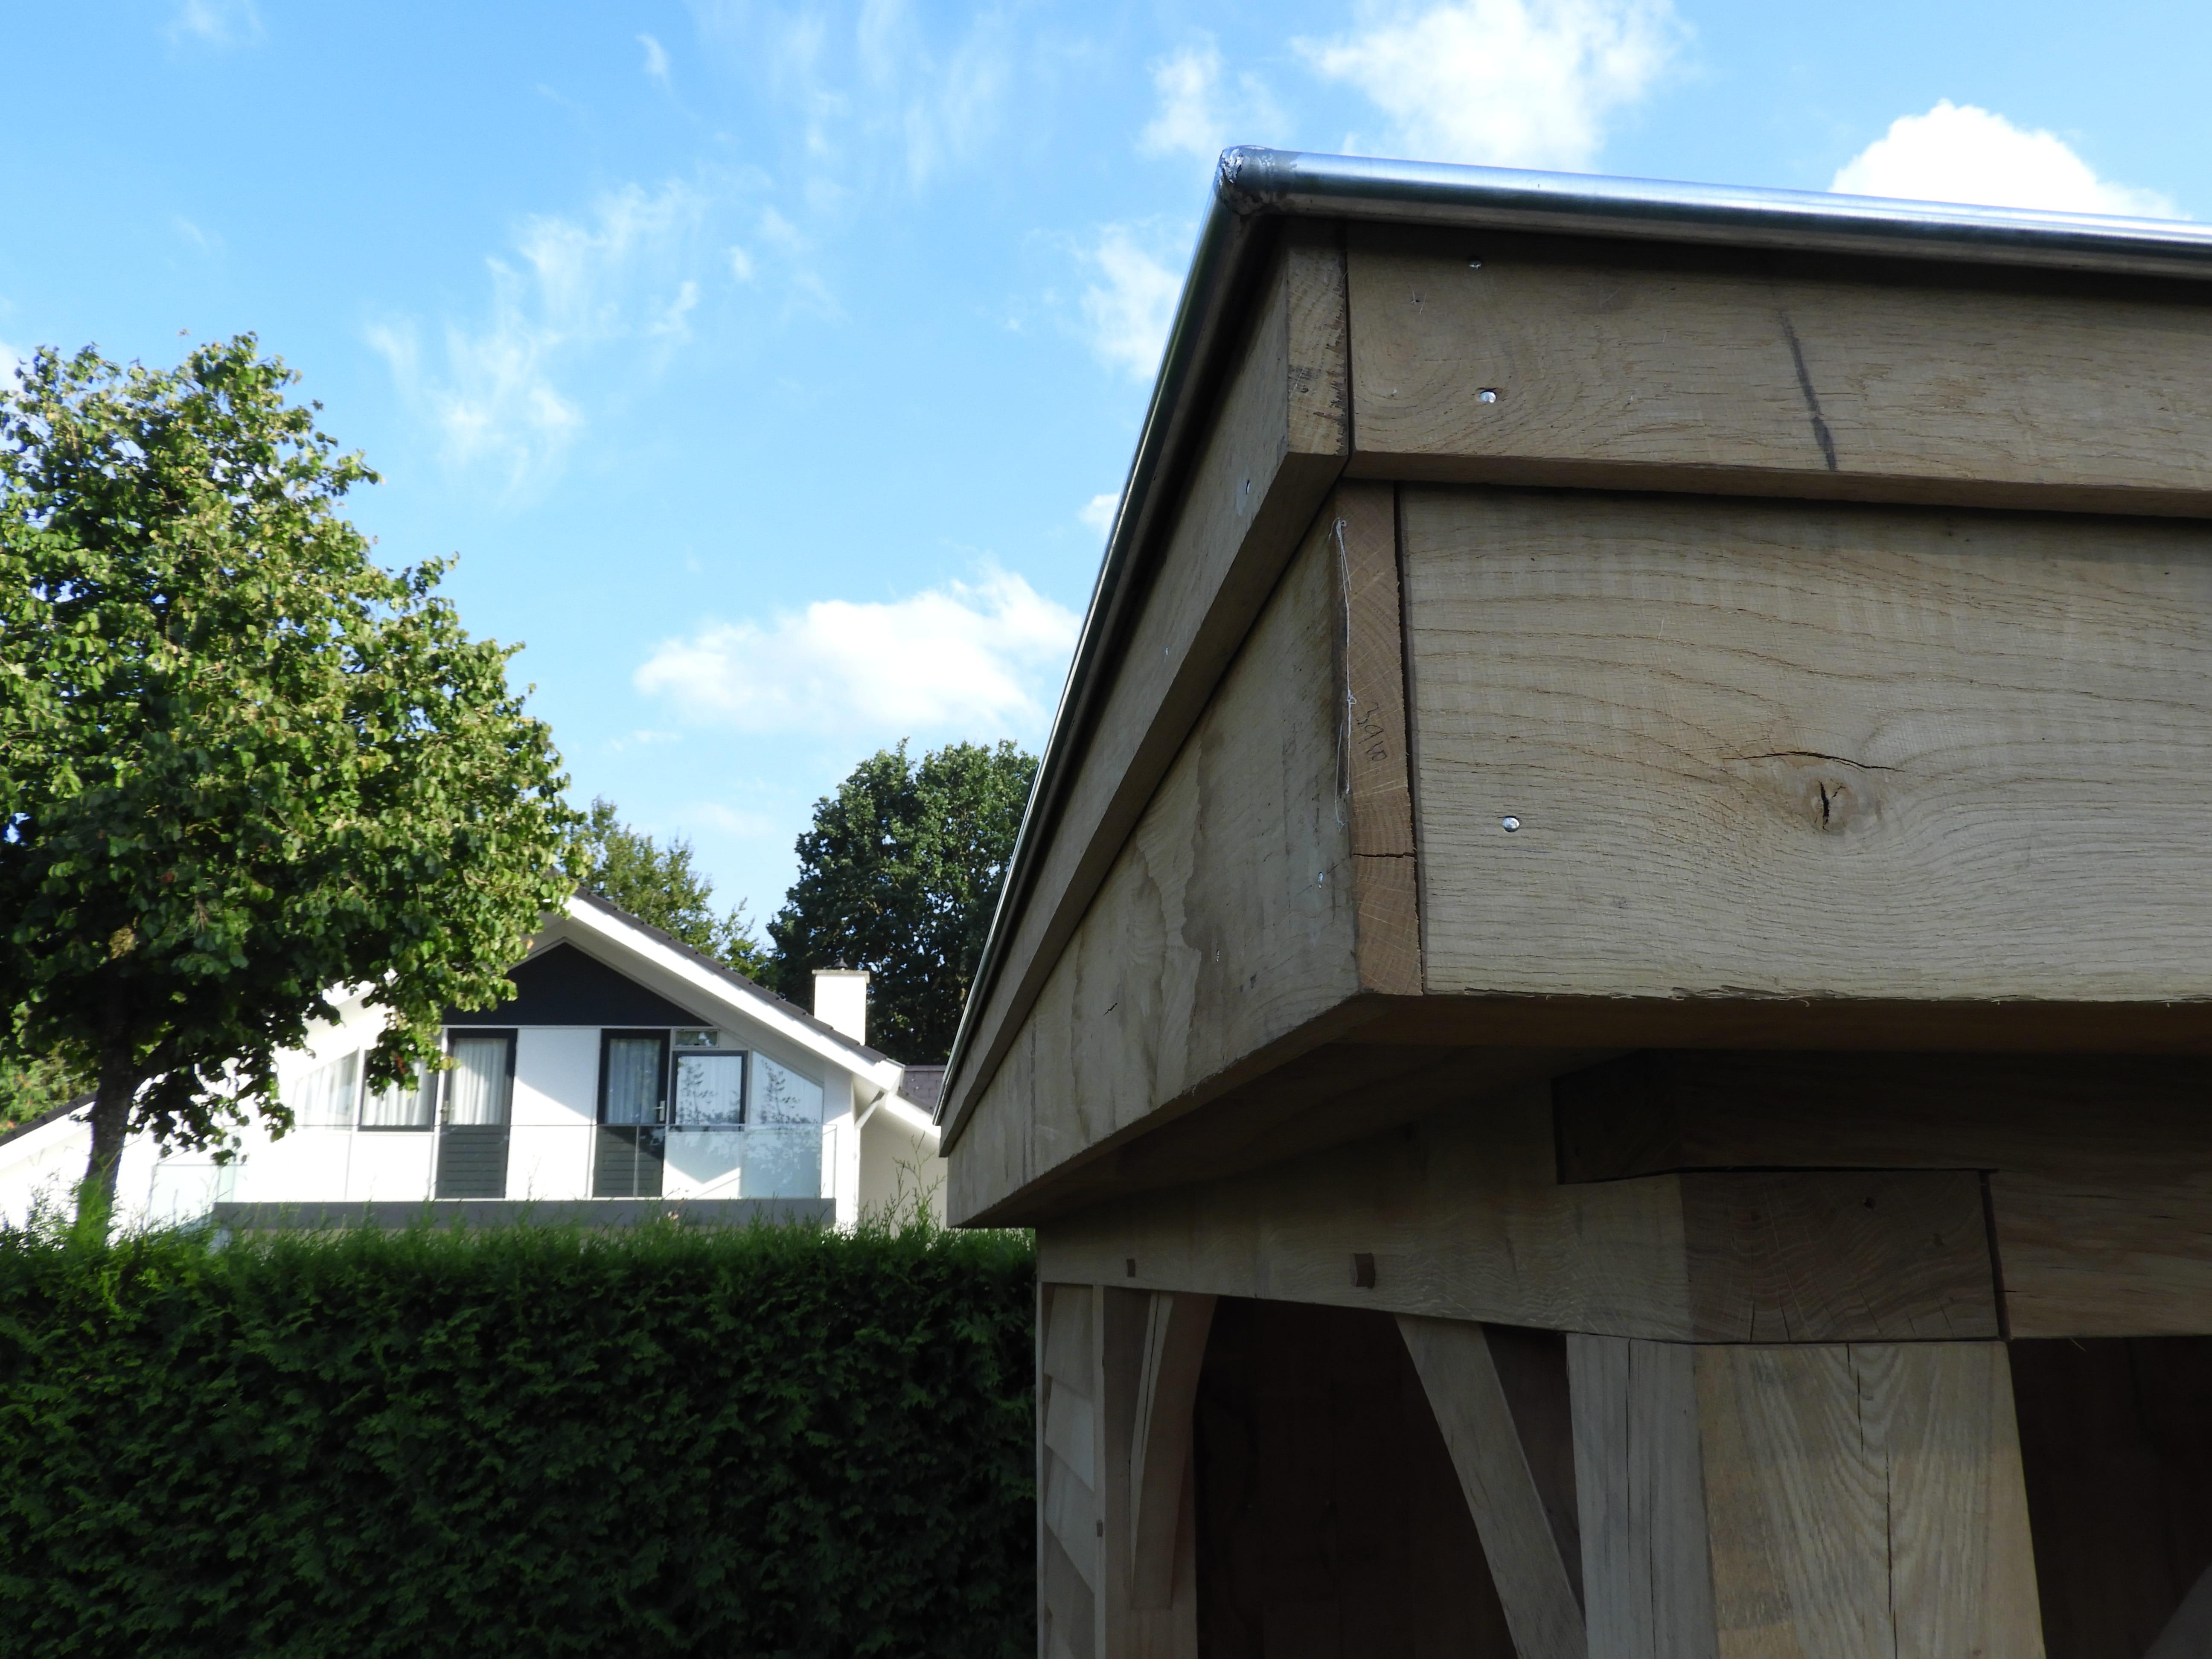 eikenhouten-bijgebouw-met-tuinkamer-en-jacuzzi-overkapping-2 - Project Hardenberg: Eiken tuinkamer met jacuzzi overkapping hoekmodel.